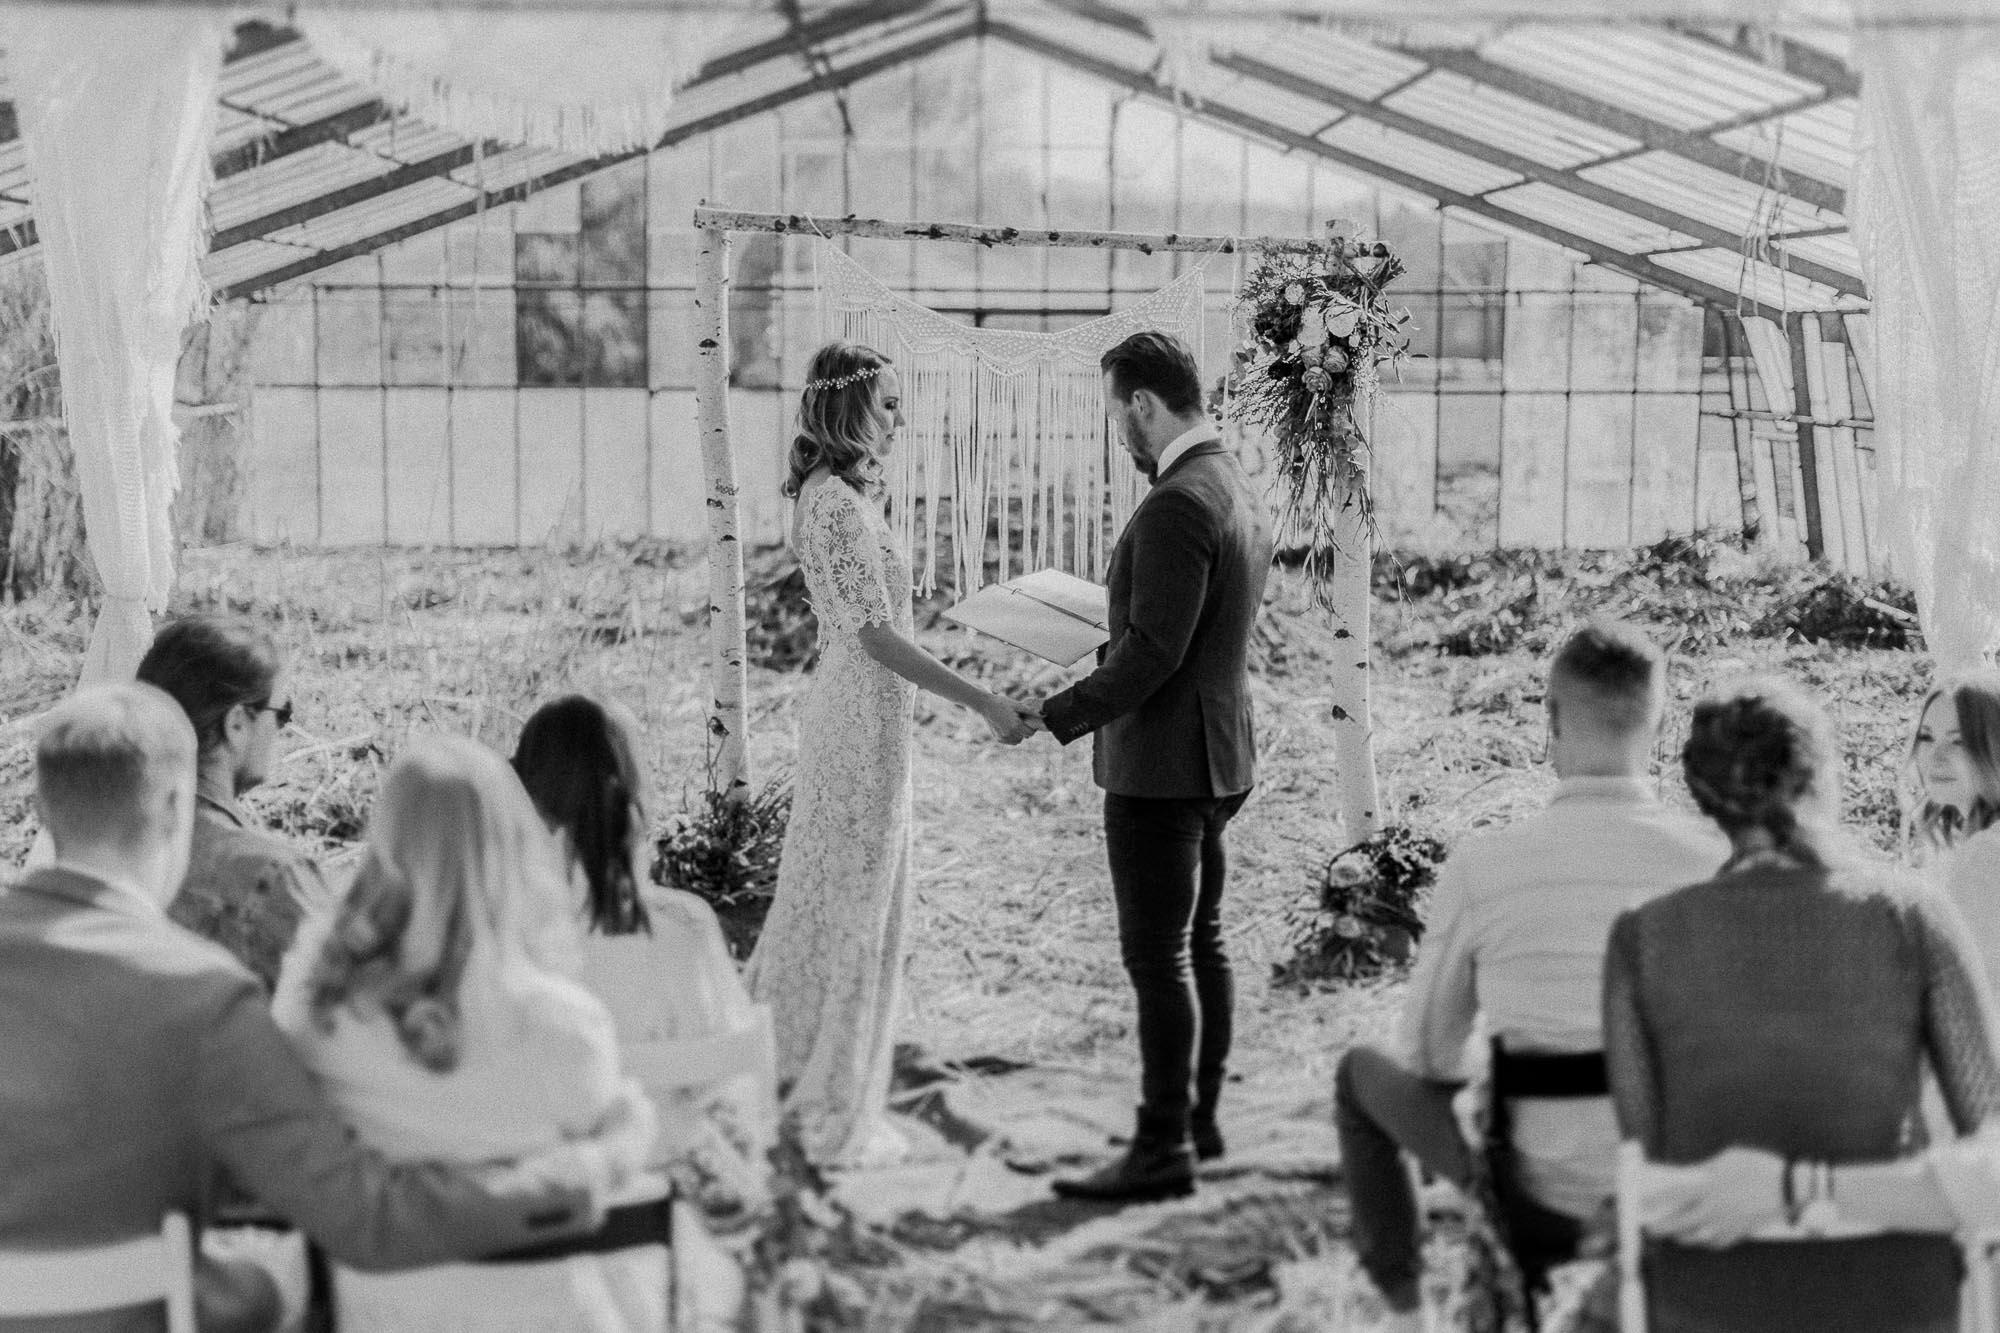 Hochzeitsreportage im Boho Style. Aufgenommen von den Hochzeitsfotografen Tom und Lia aus Rostock.